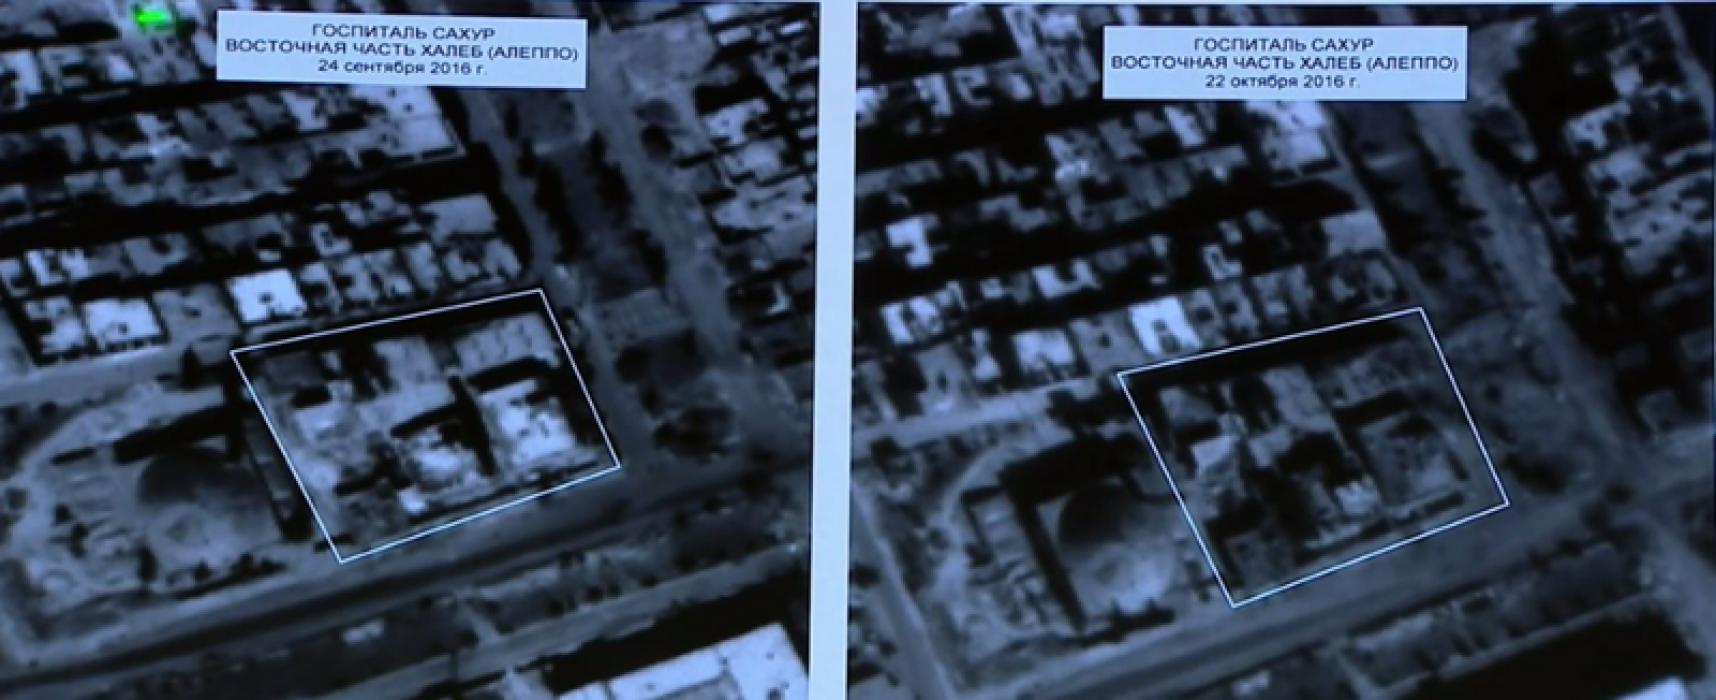 La mentira desde el cielo: cuatro métodos de distorsión por parte de Rusia de las fotografías aéreas e imágenes satelitales